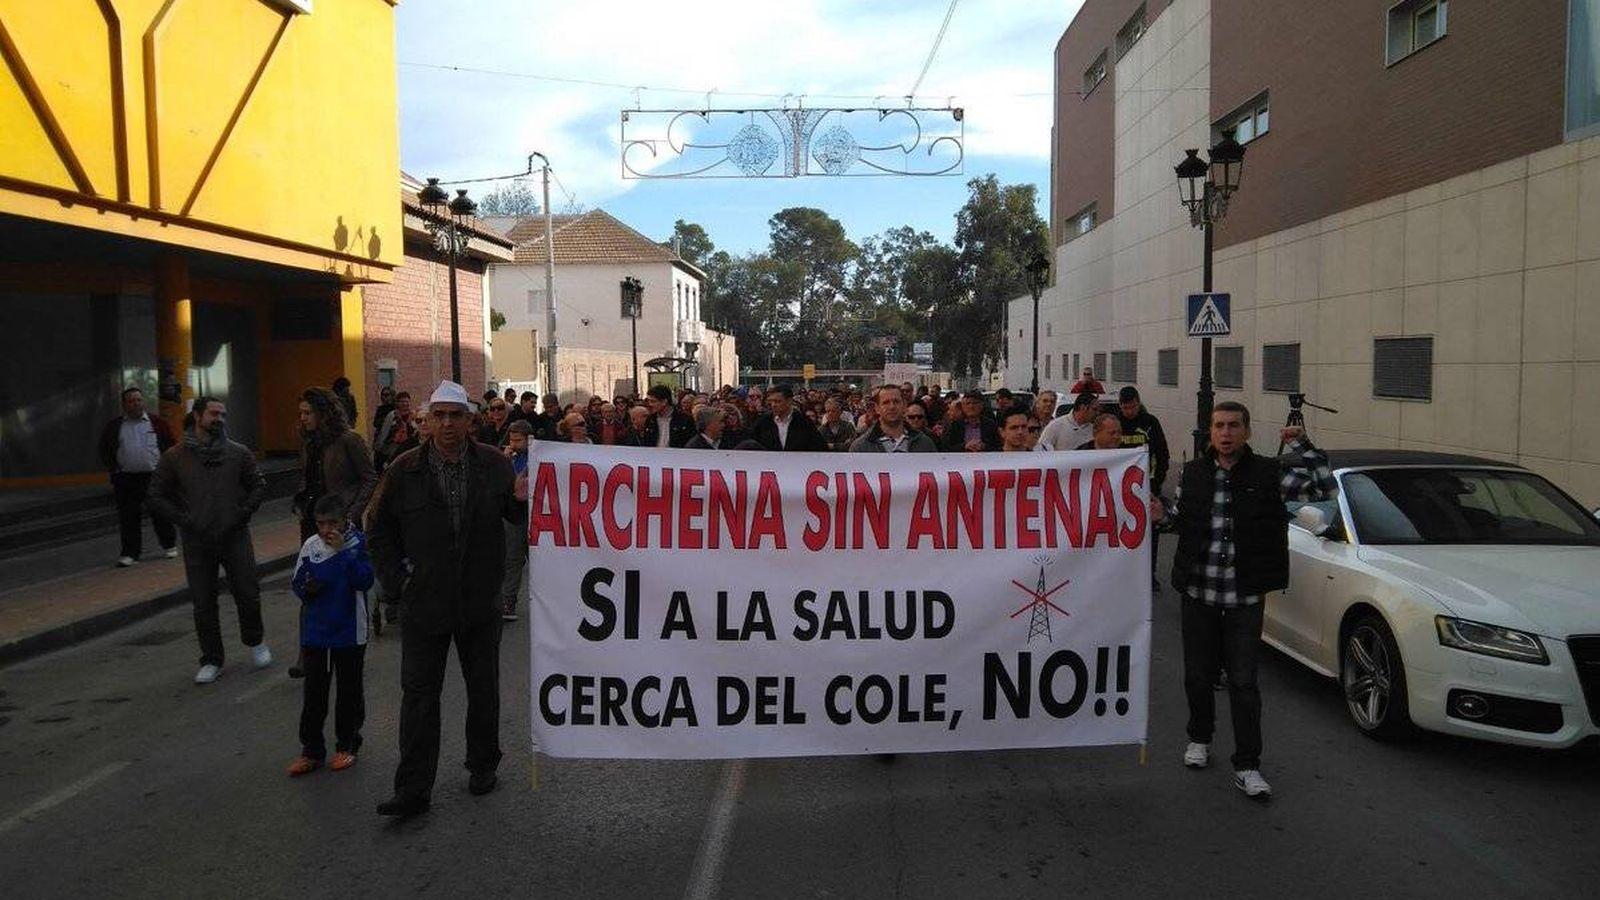 Foto: Manifestación contra las antenas en Archena (Foto: Ganar Archena)